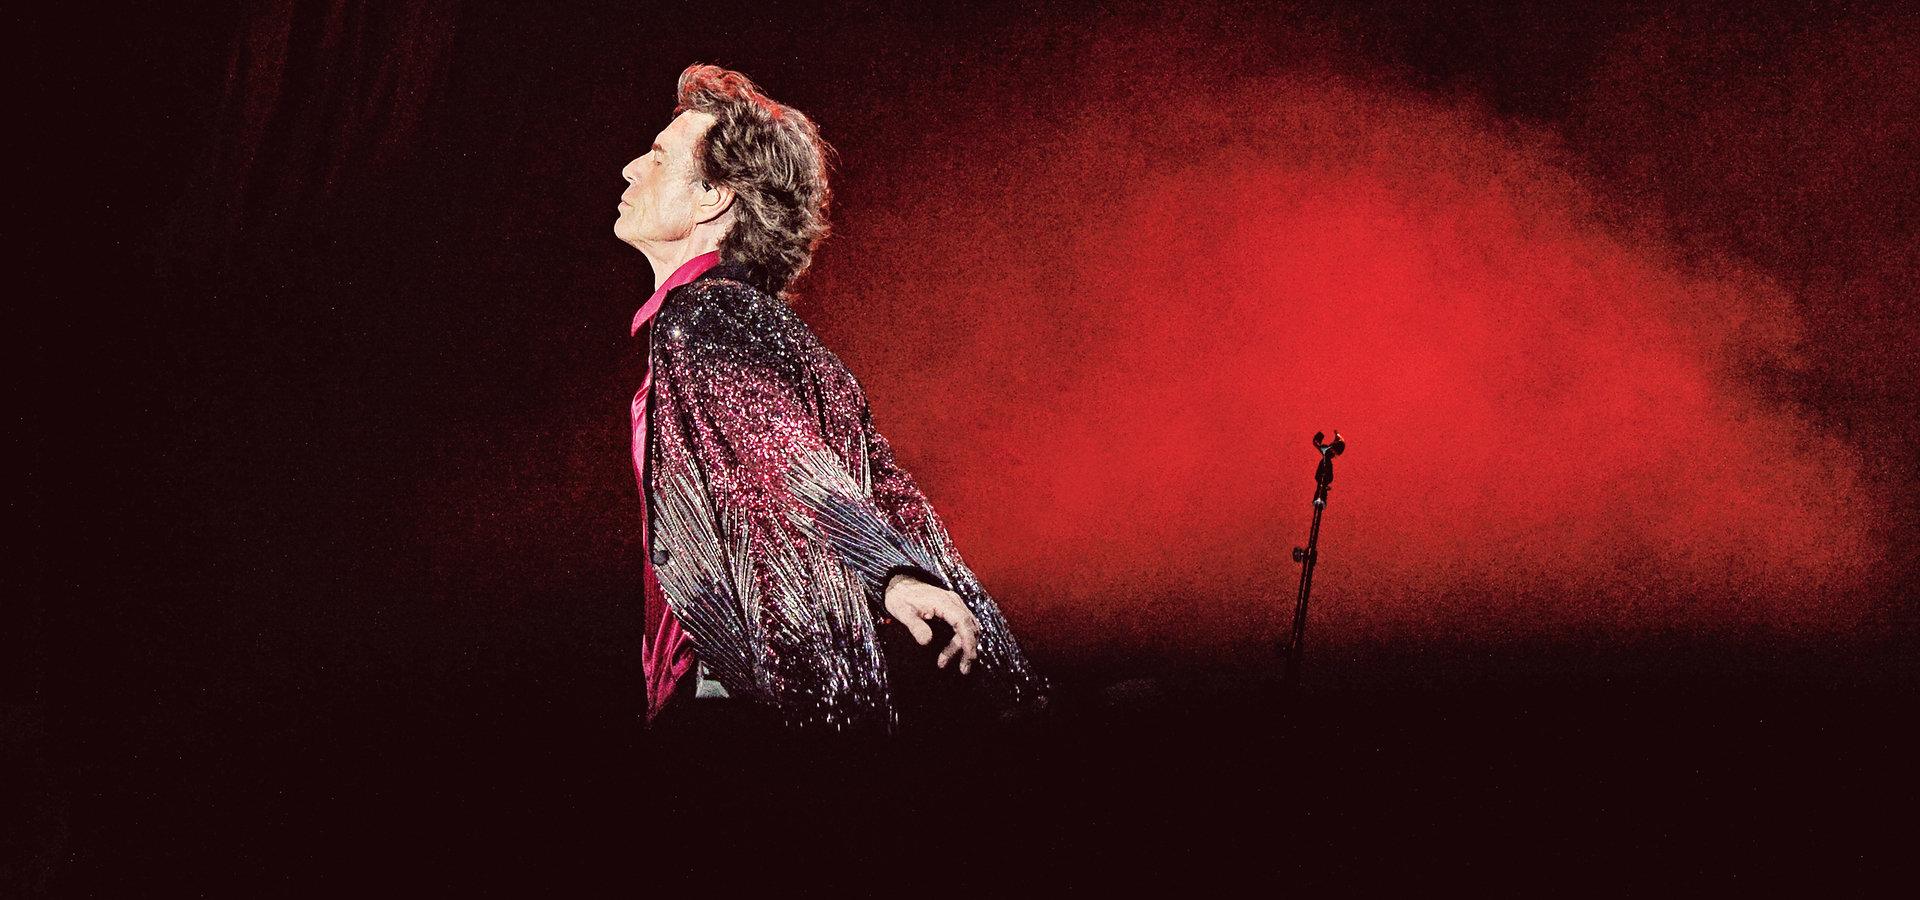 Keith Richards zaklina pogodę dla 1,2 mln fanów. Fascynująca podróż z The Rolling Stones w styczniu tylko w CANAL+